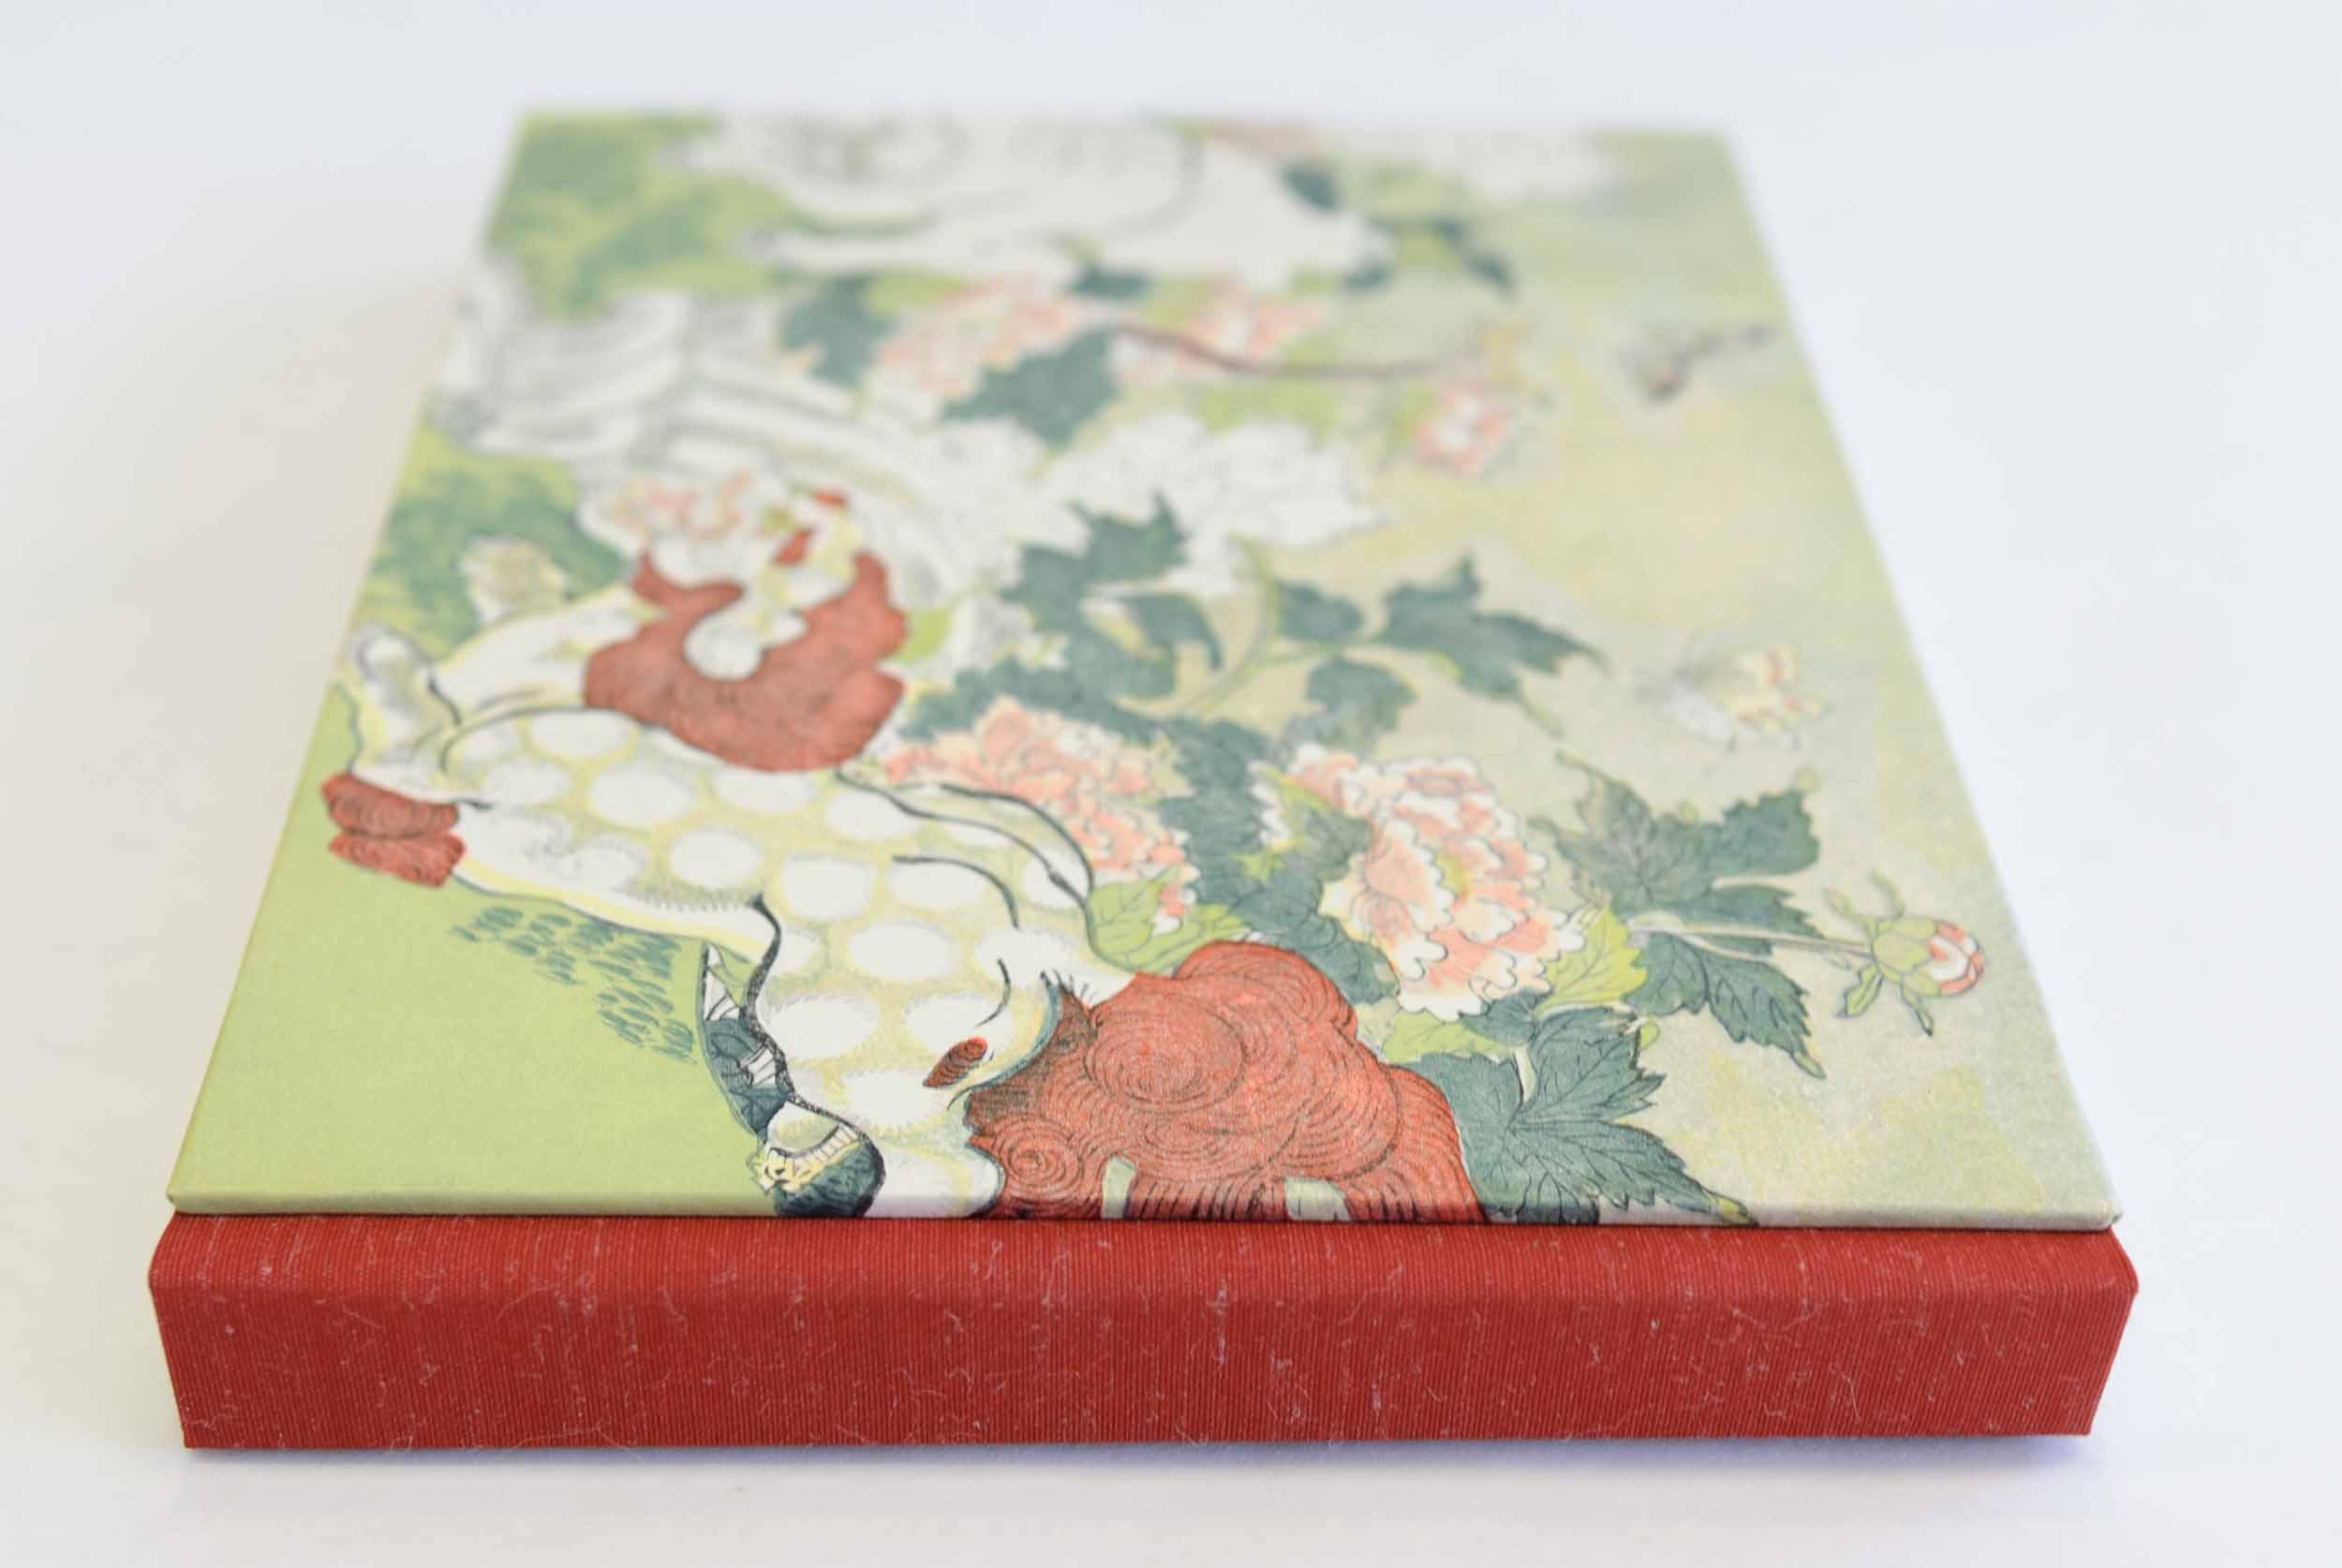 Sketchbook format, design 1 (Chinese lion)